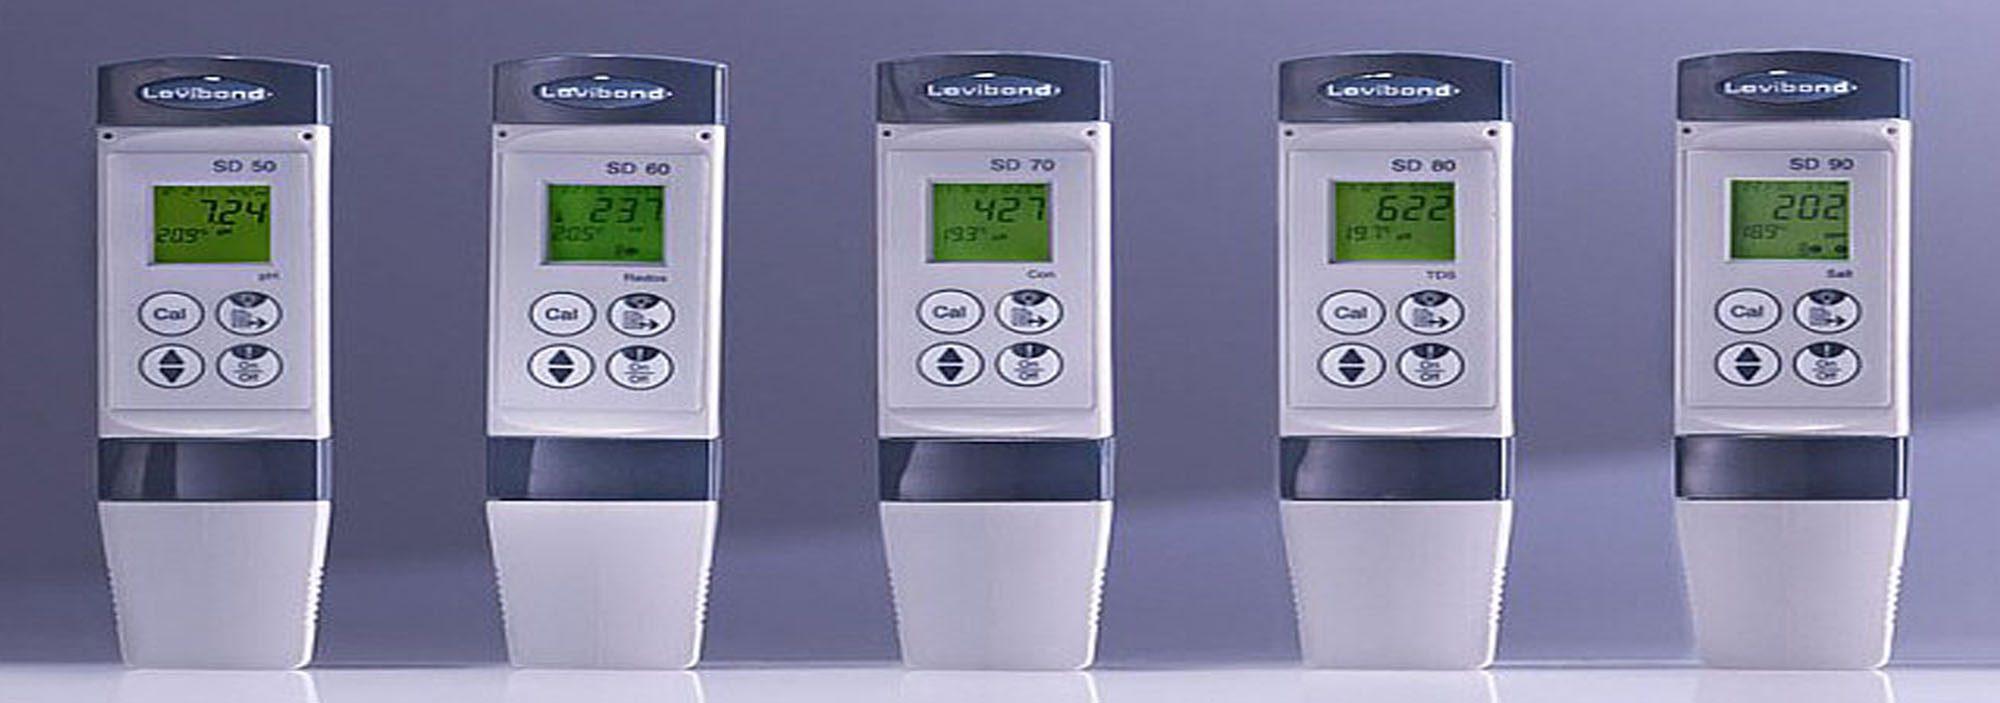 SD50 pH Hand-Held Meter